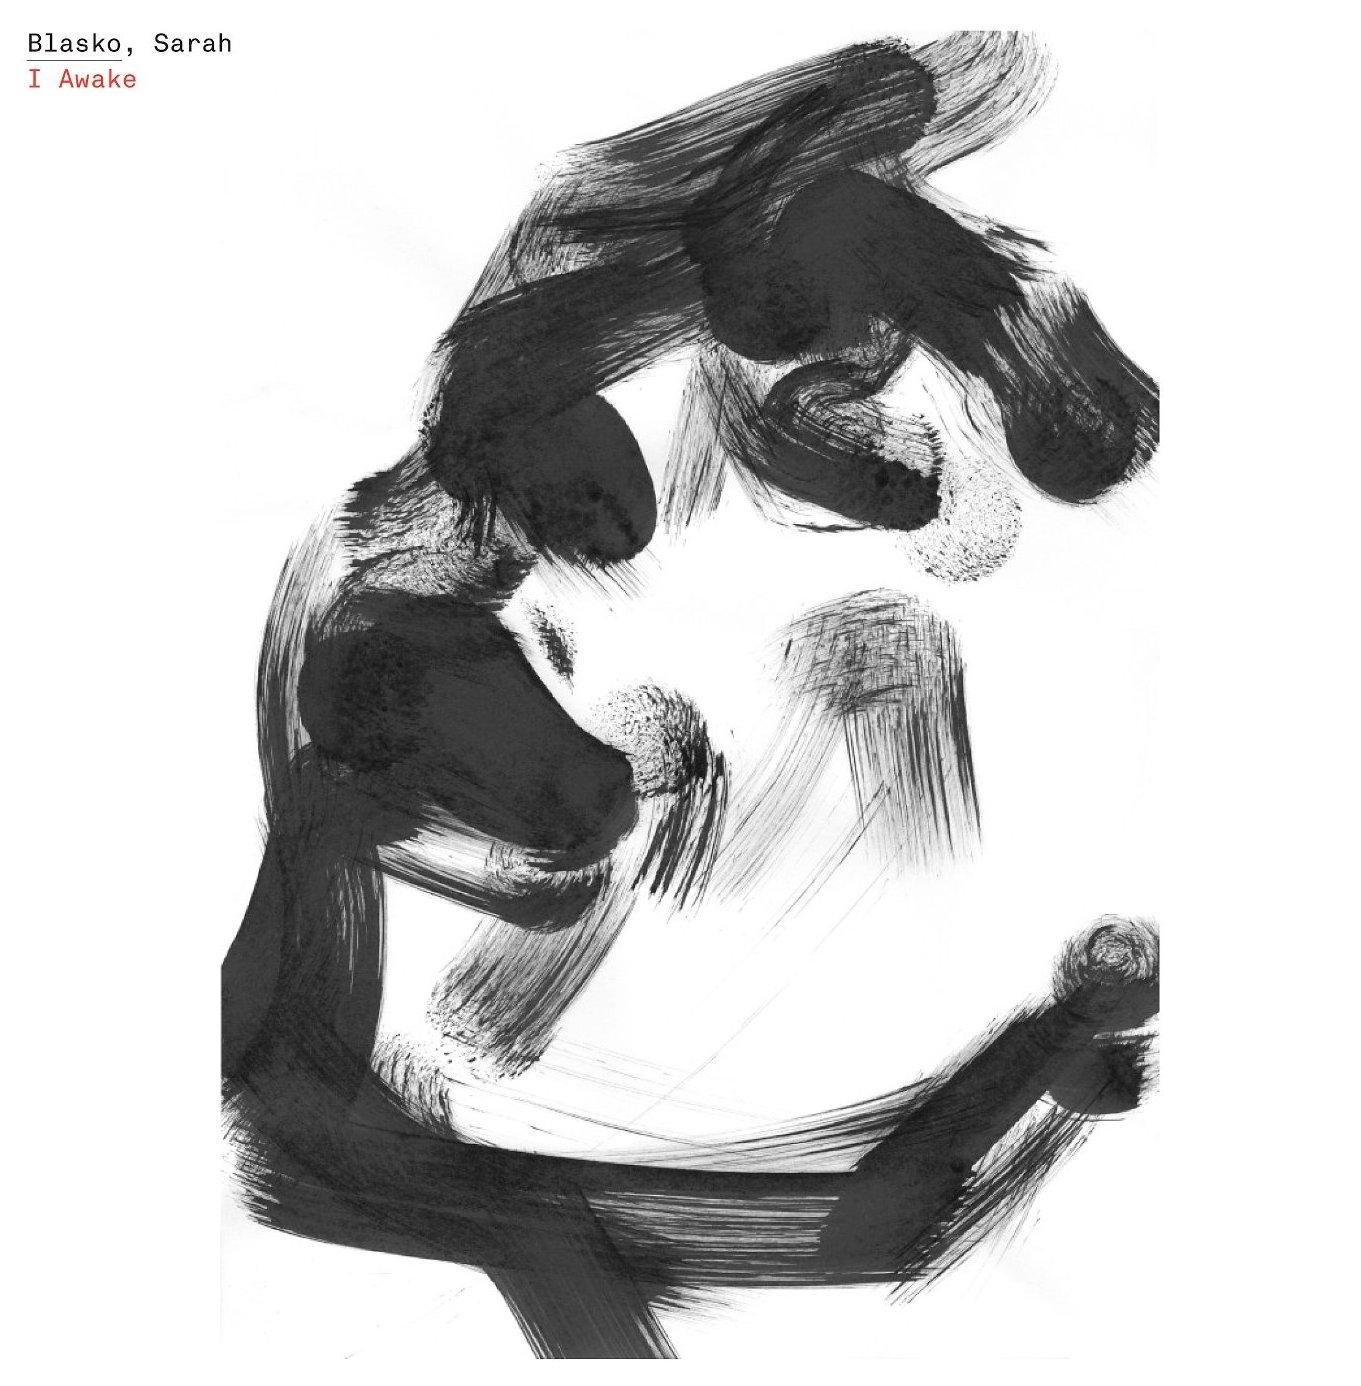 """Sarah Blasko präsentiert mit """"I Awake"""" einen neuen Höhepunkt ihrer musikalischen Kreativität"""